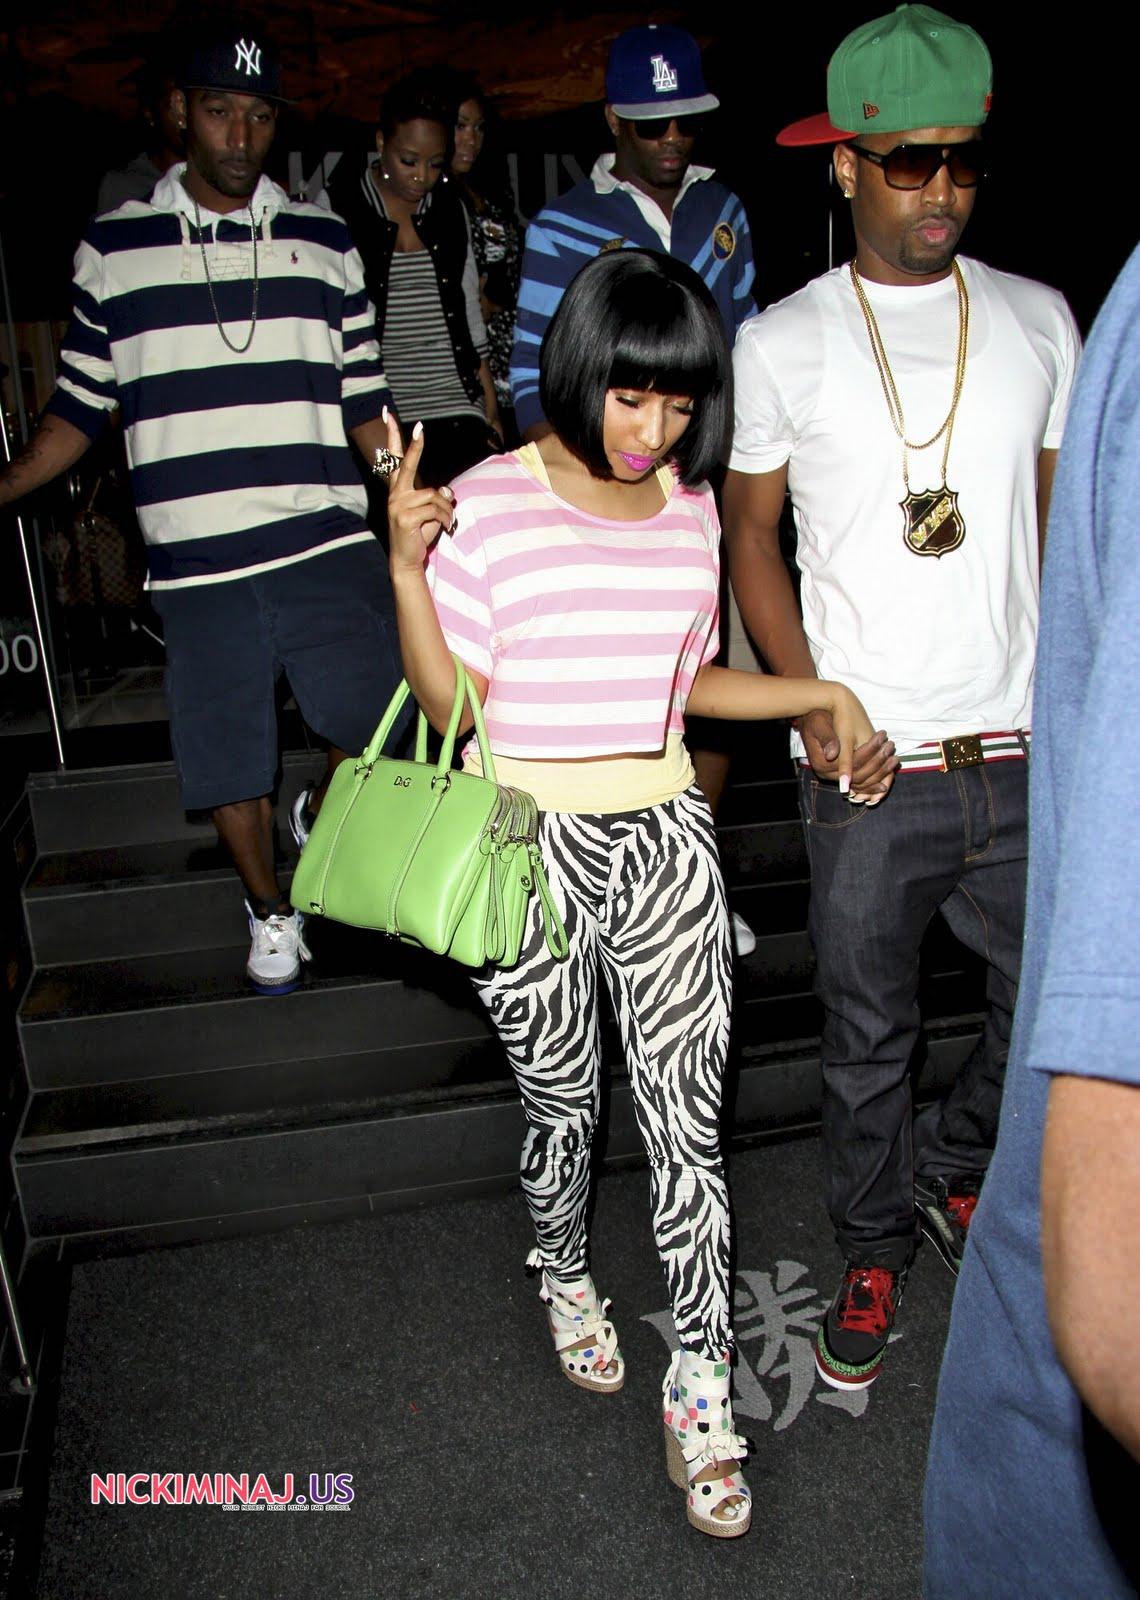 http://1.bp.blogspot.com/-GFbh27bEtY8/TjHutoUbvhI/AAAAAAAAB0E/G82TkJOcv50/s1600/Nicki-Minaj-Feet-467289.jpg